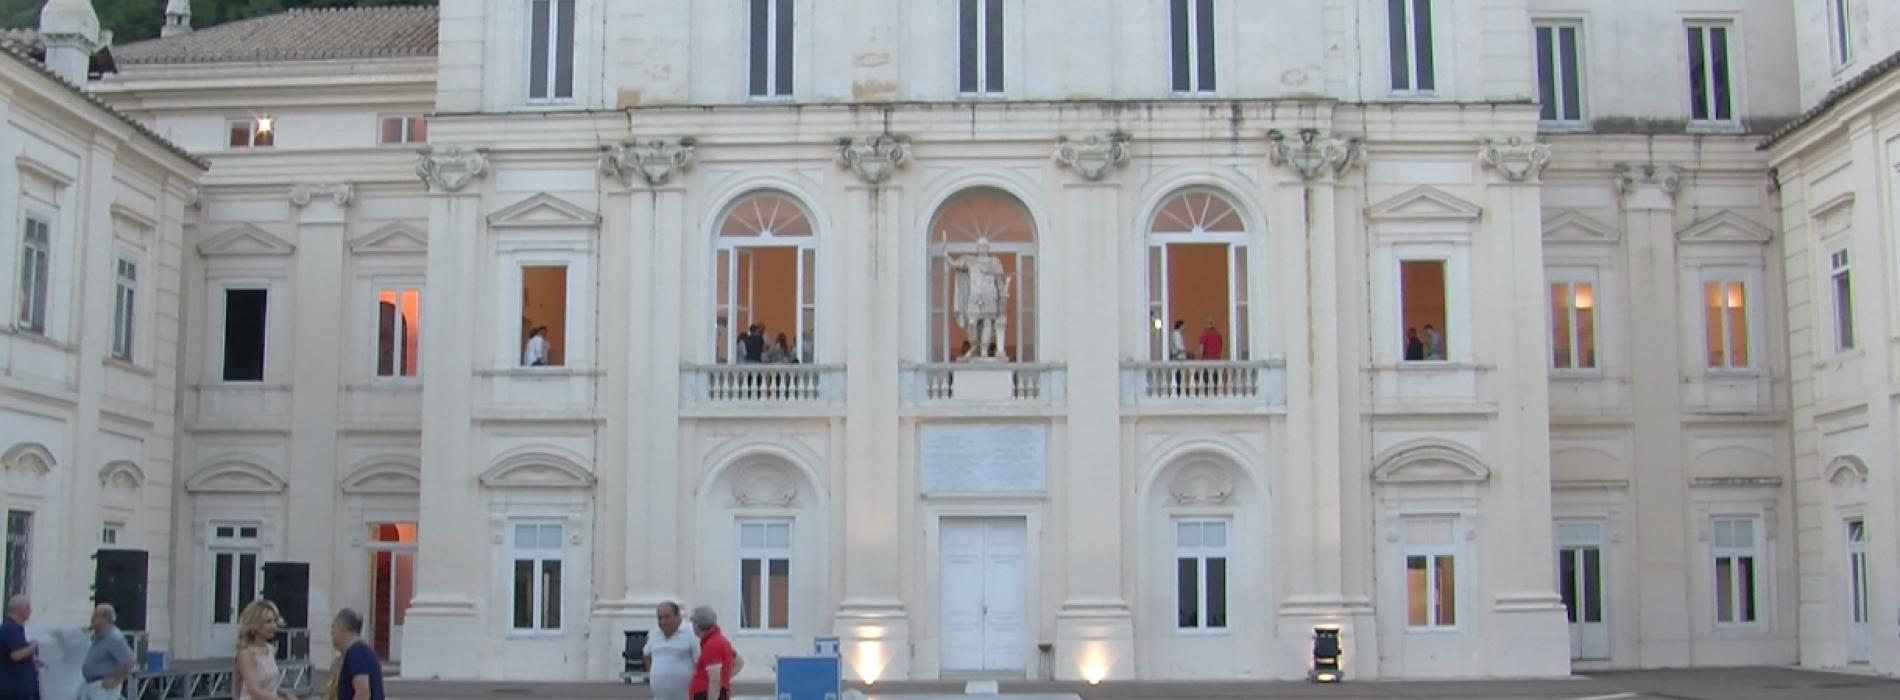 Isaia, la casa che fa moda con le sete e i disegni di San Leucio